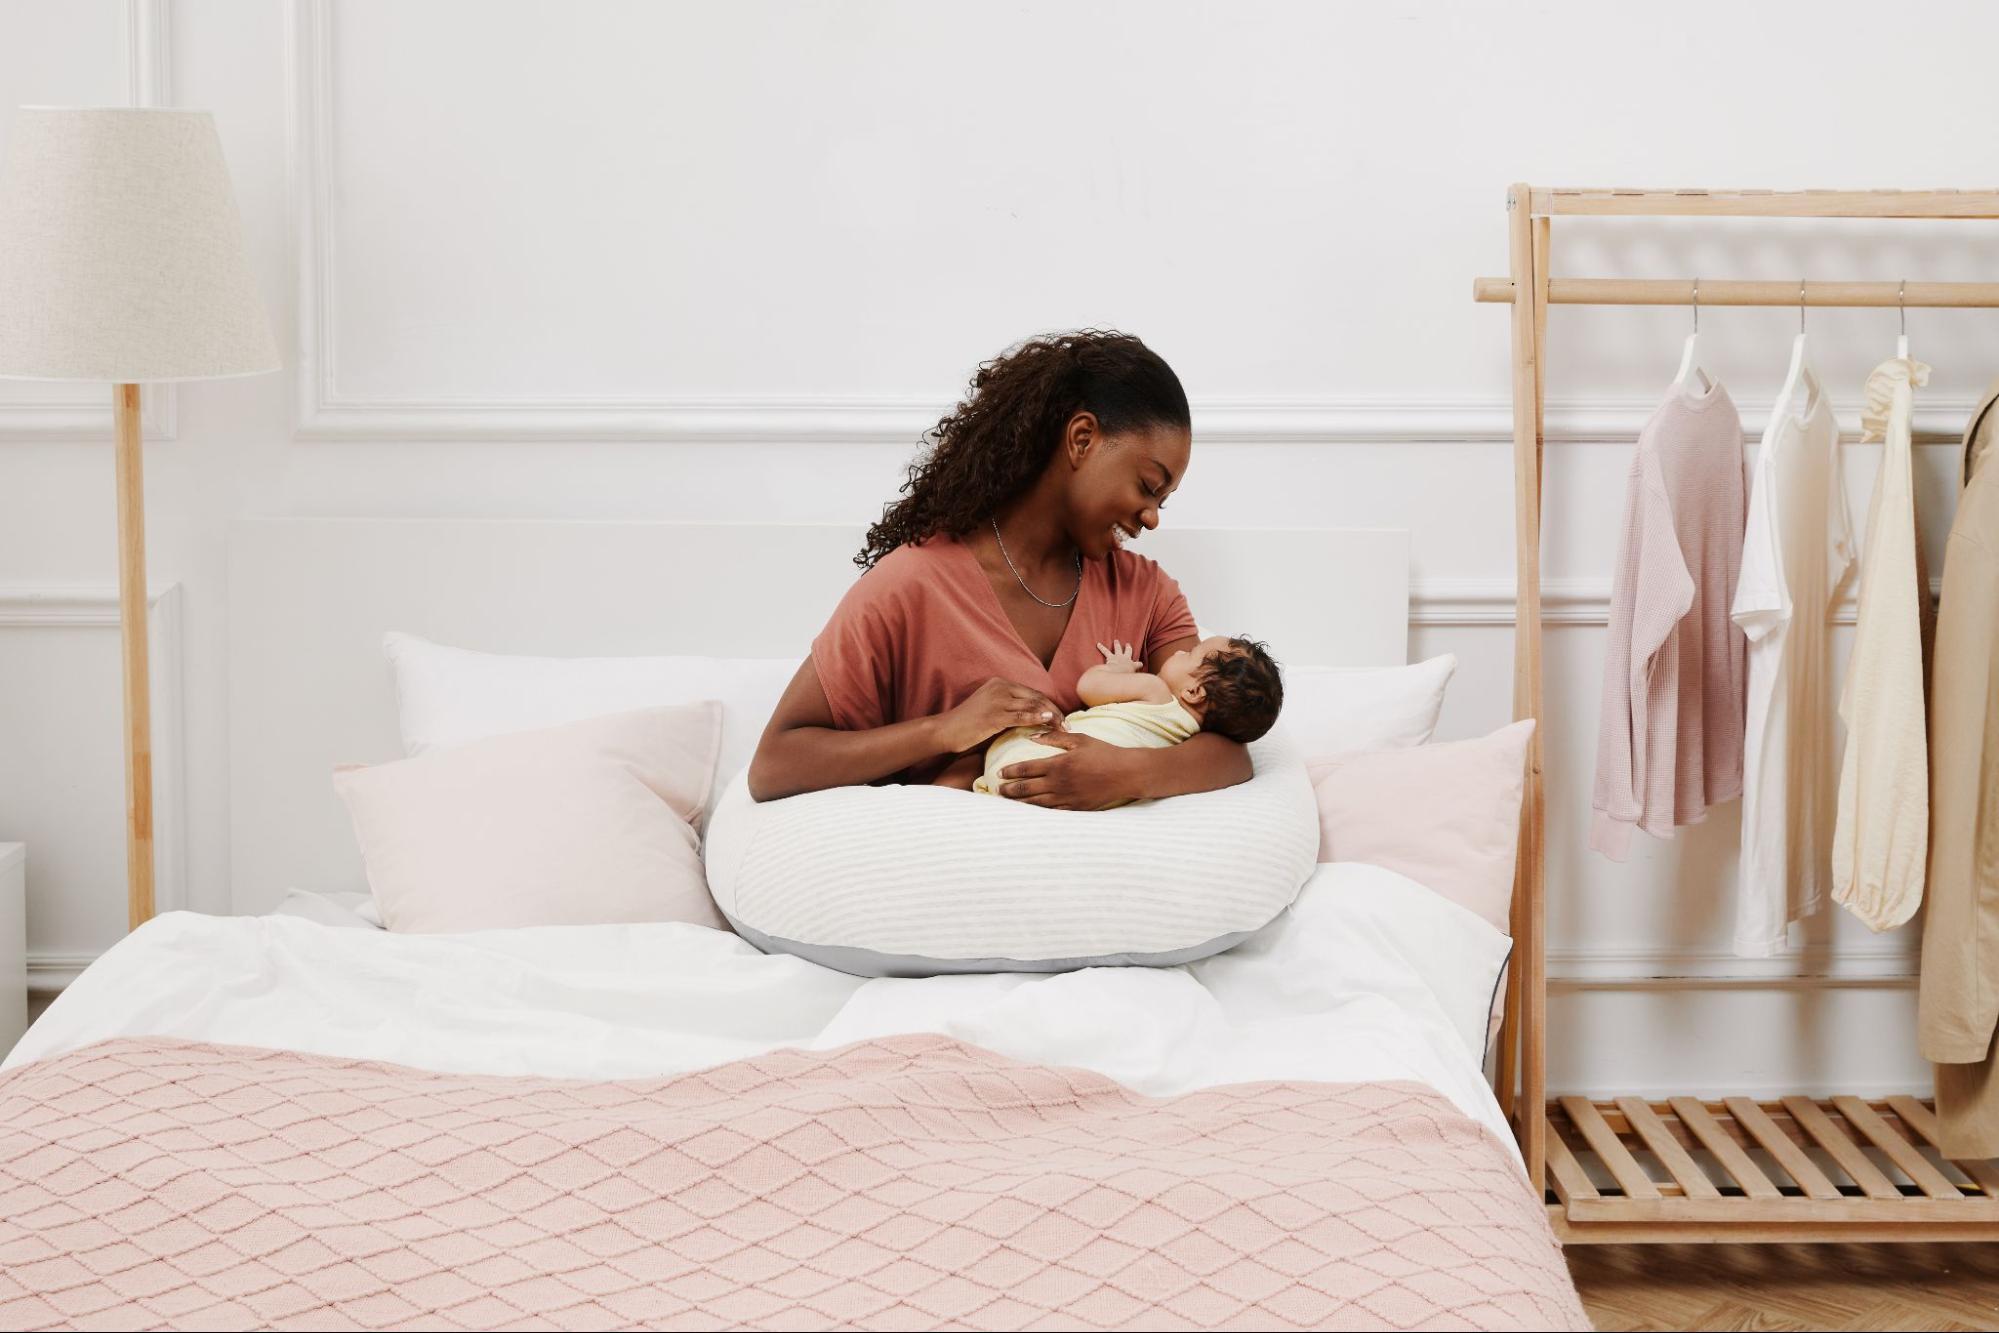 月亮枕孕婦枕可讓寶寶躺著使用